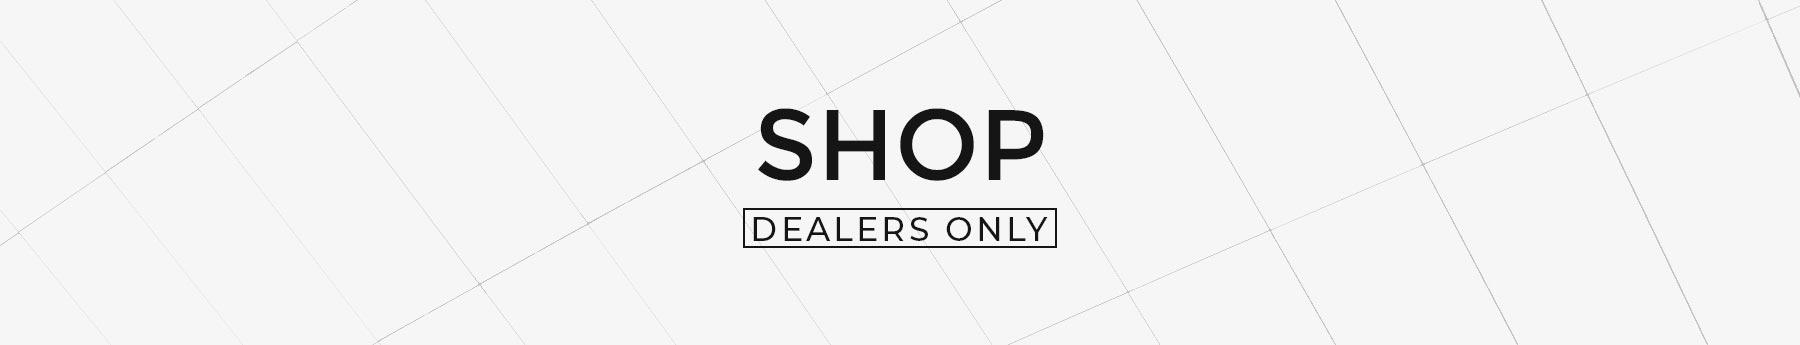 shop-dealers-only-header